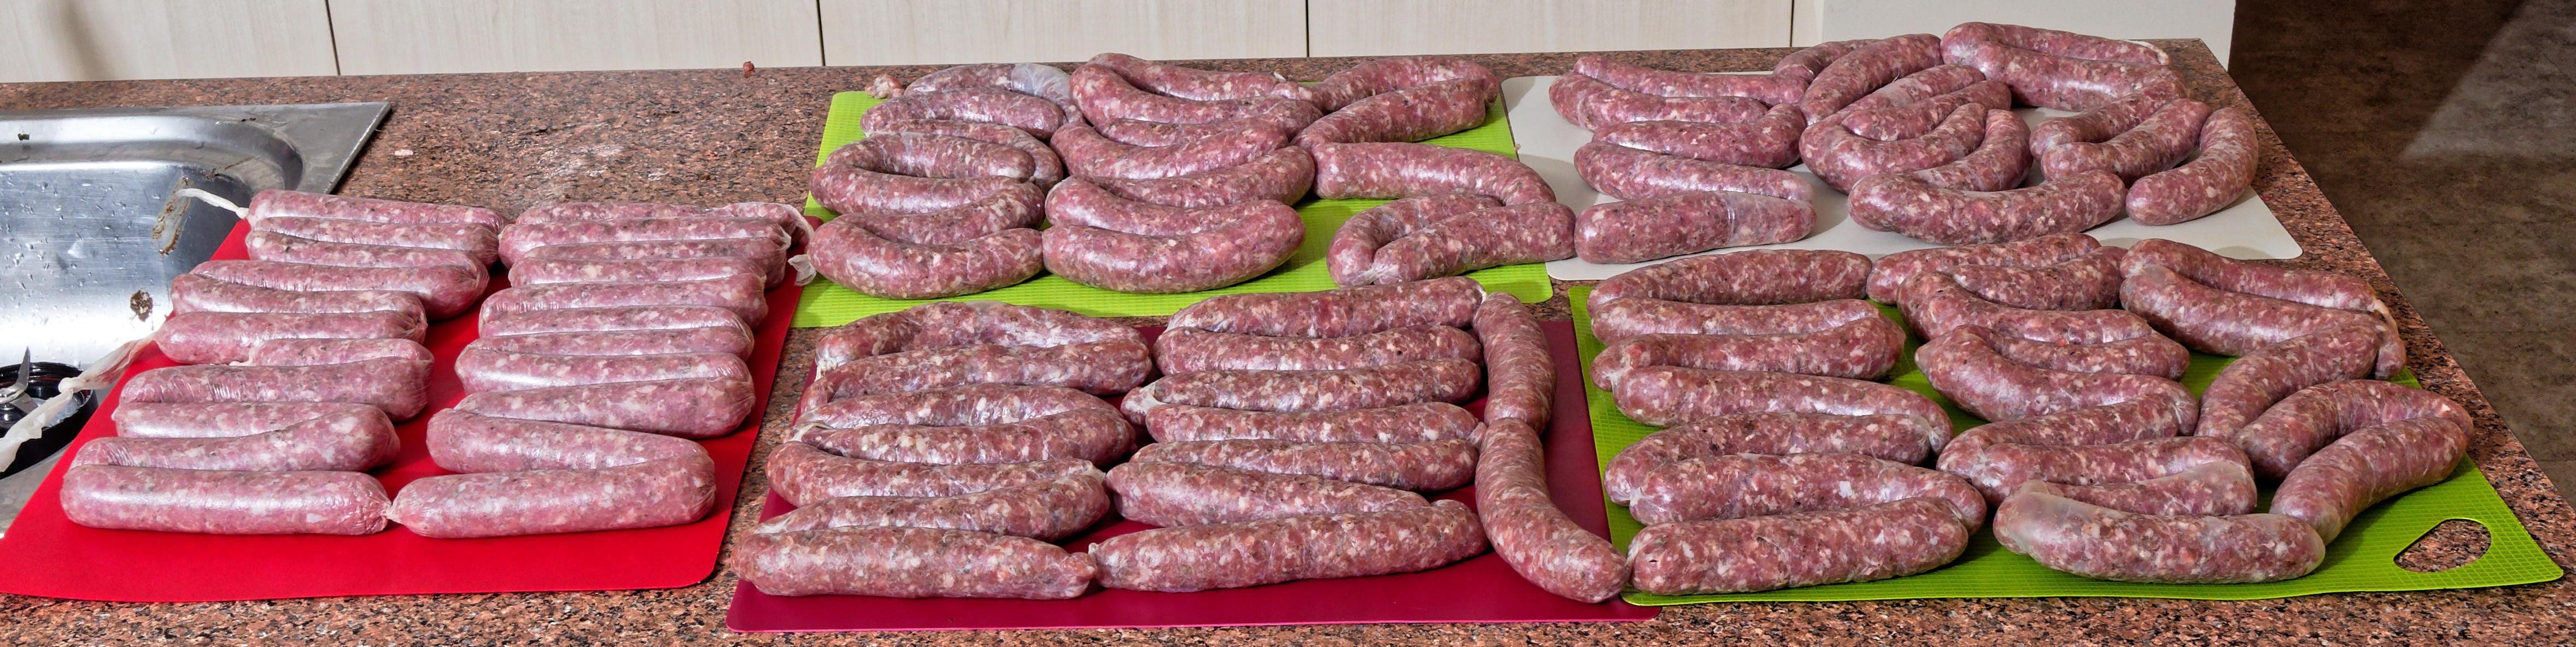 Making-sausages-34-detail.jpeg